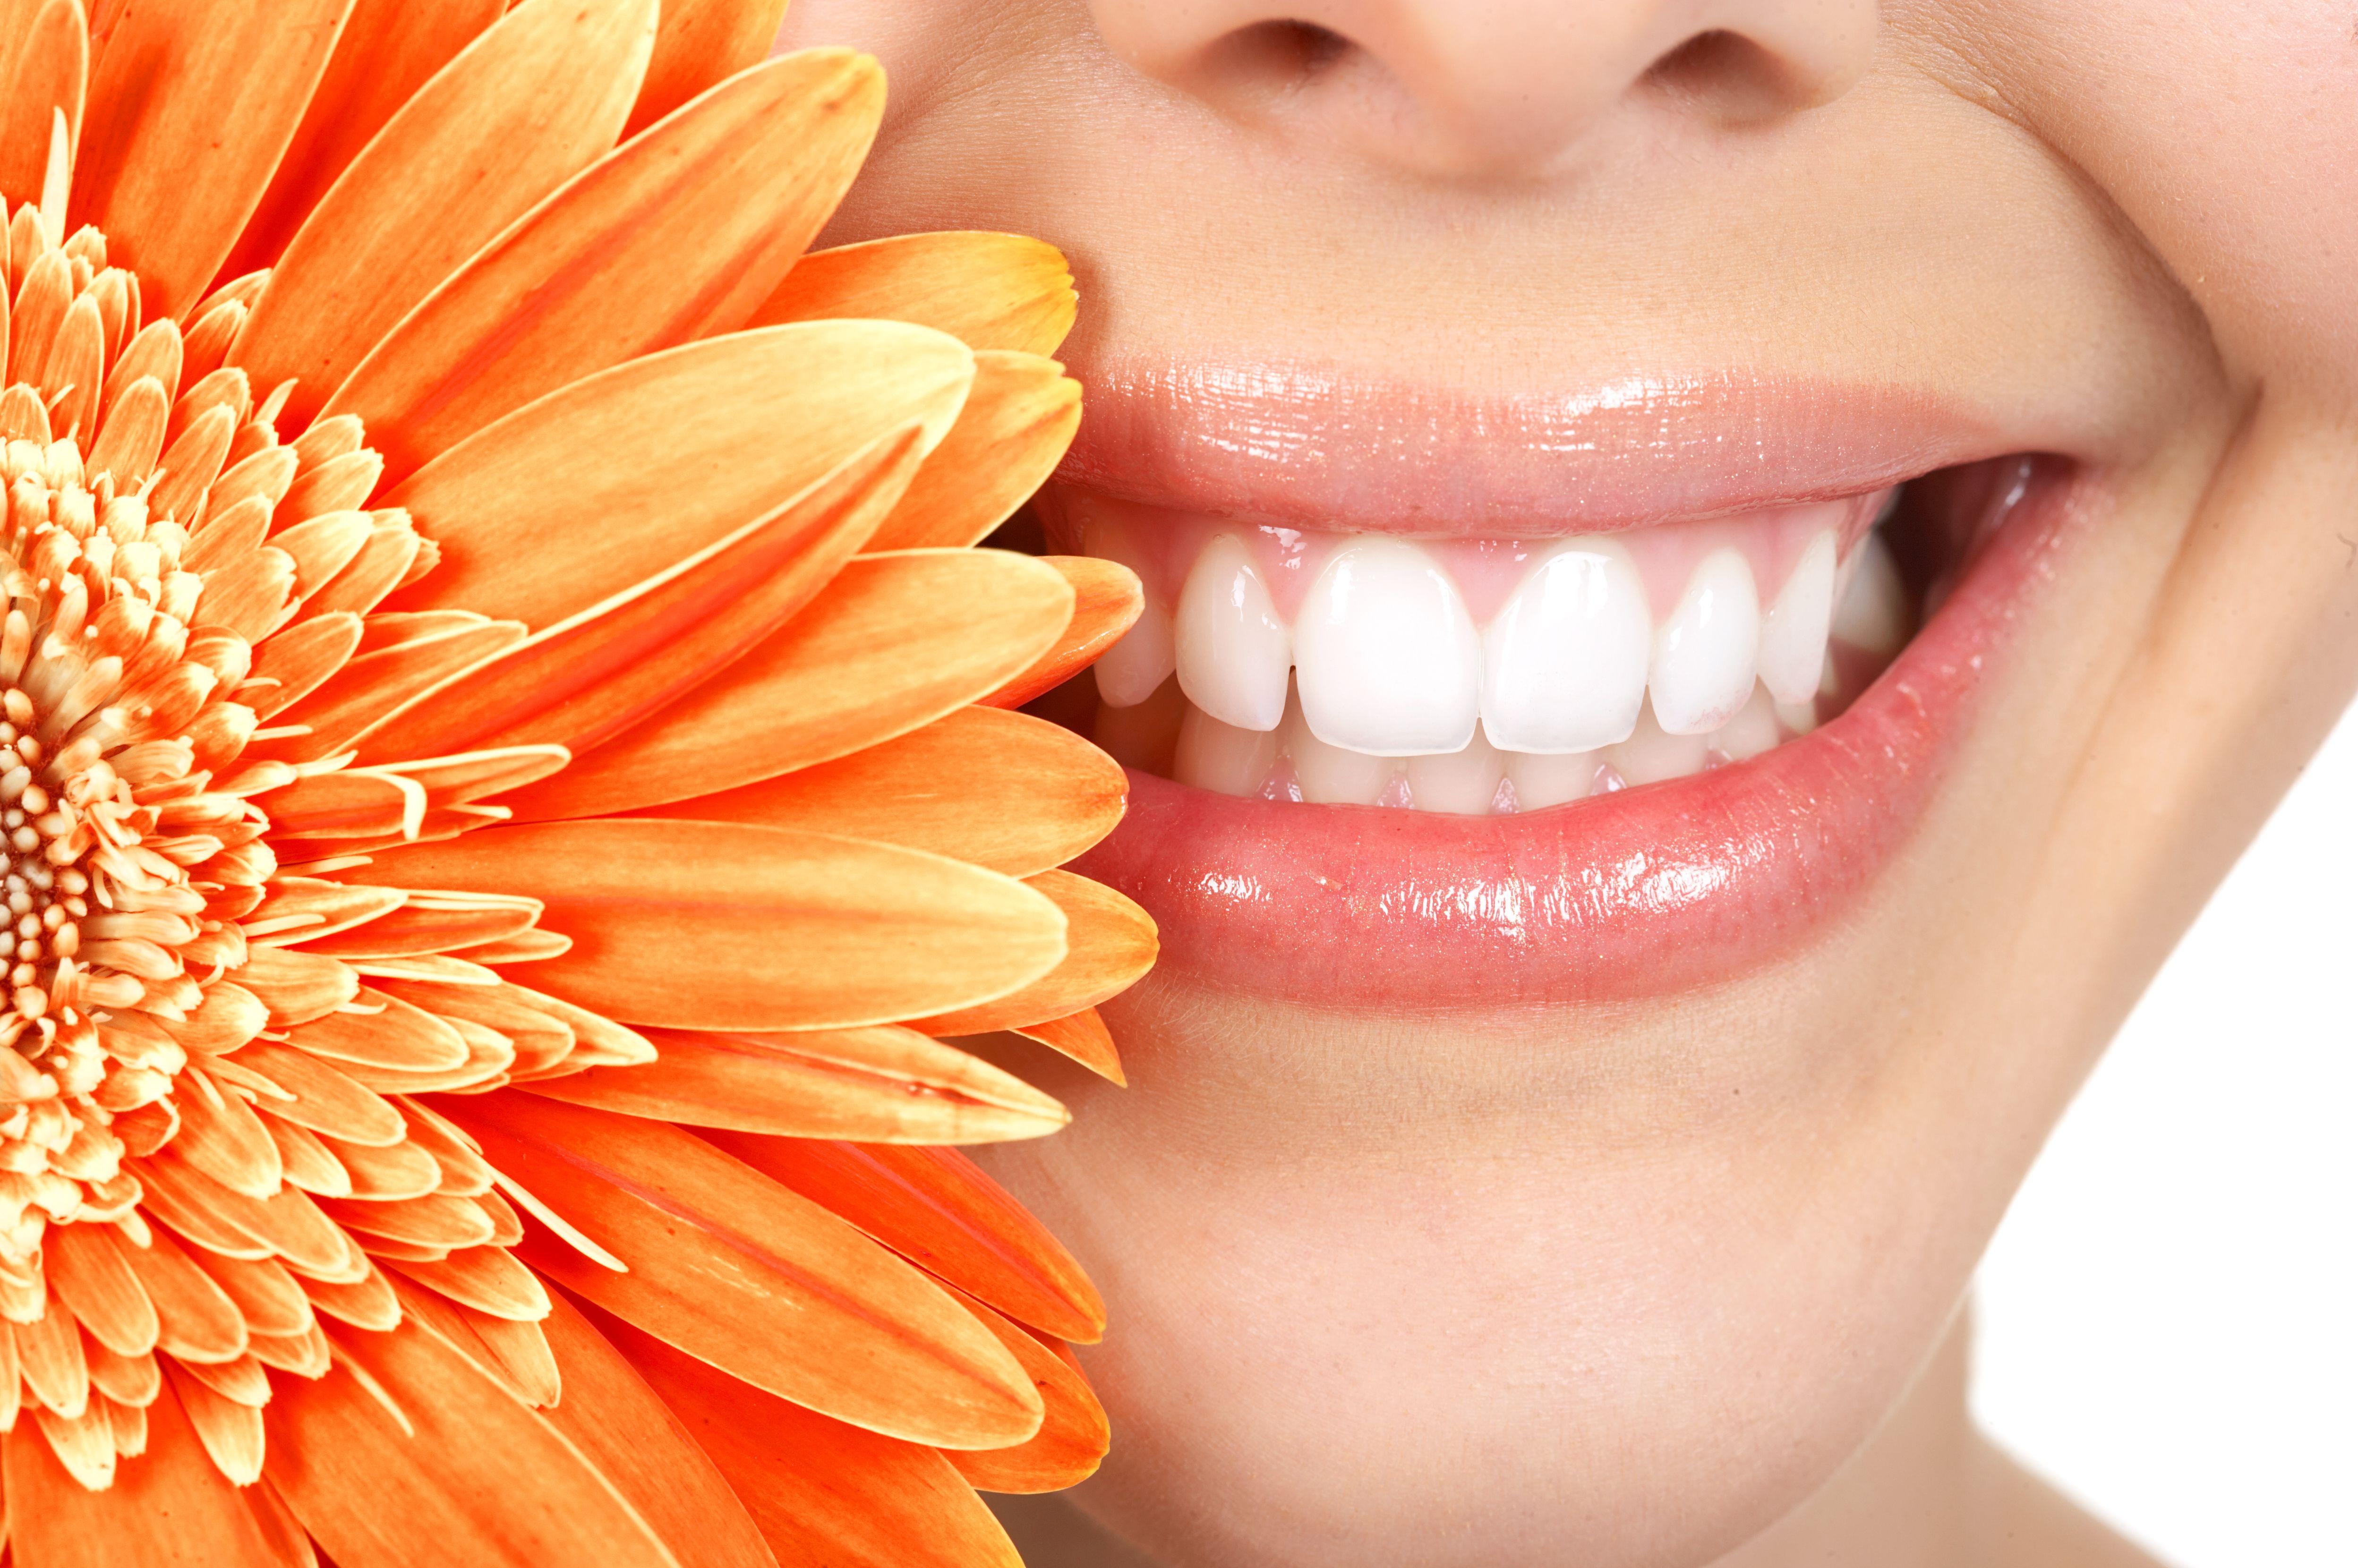 Luce tu mejor sonrisa en nuestra clínica dental en Carabanchel